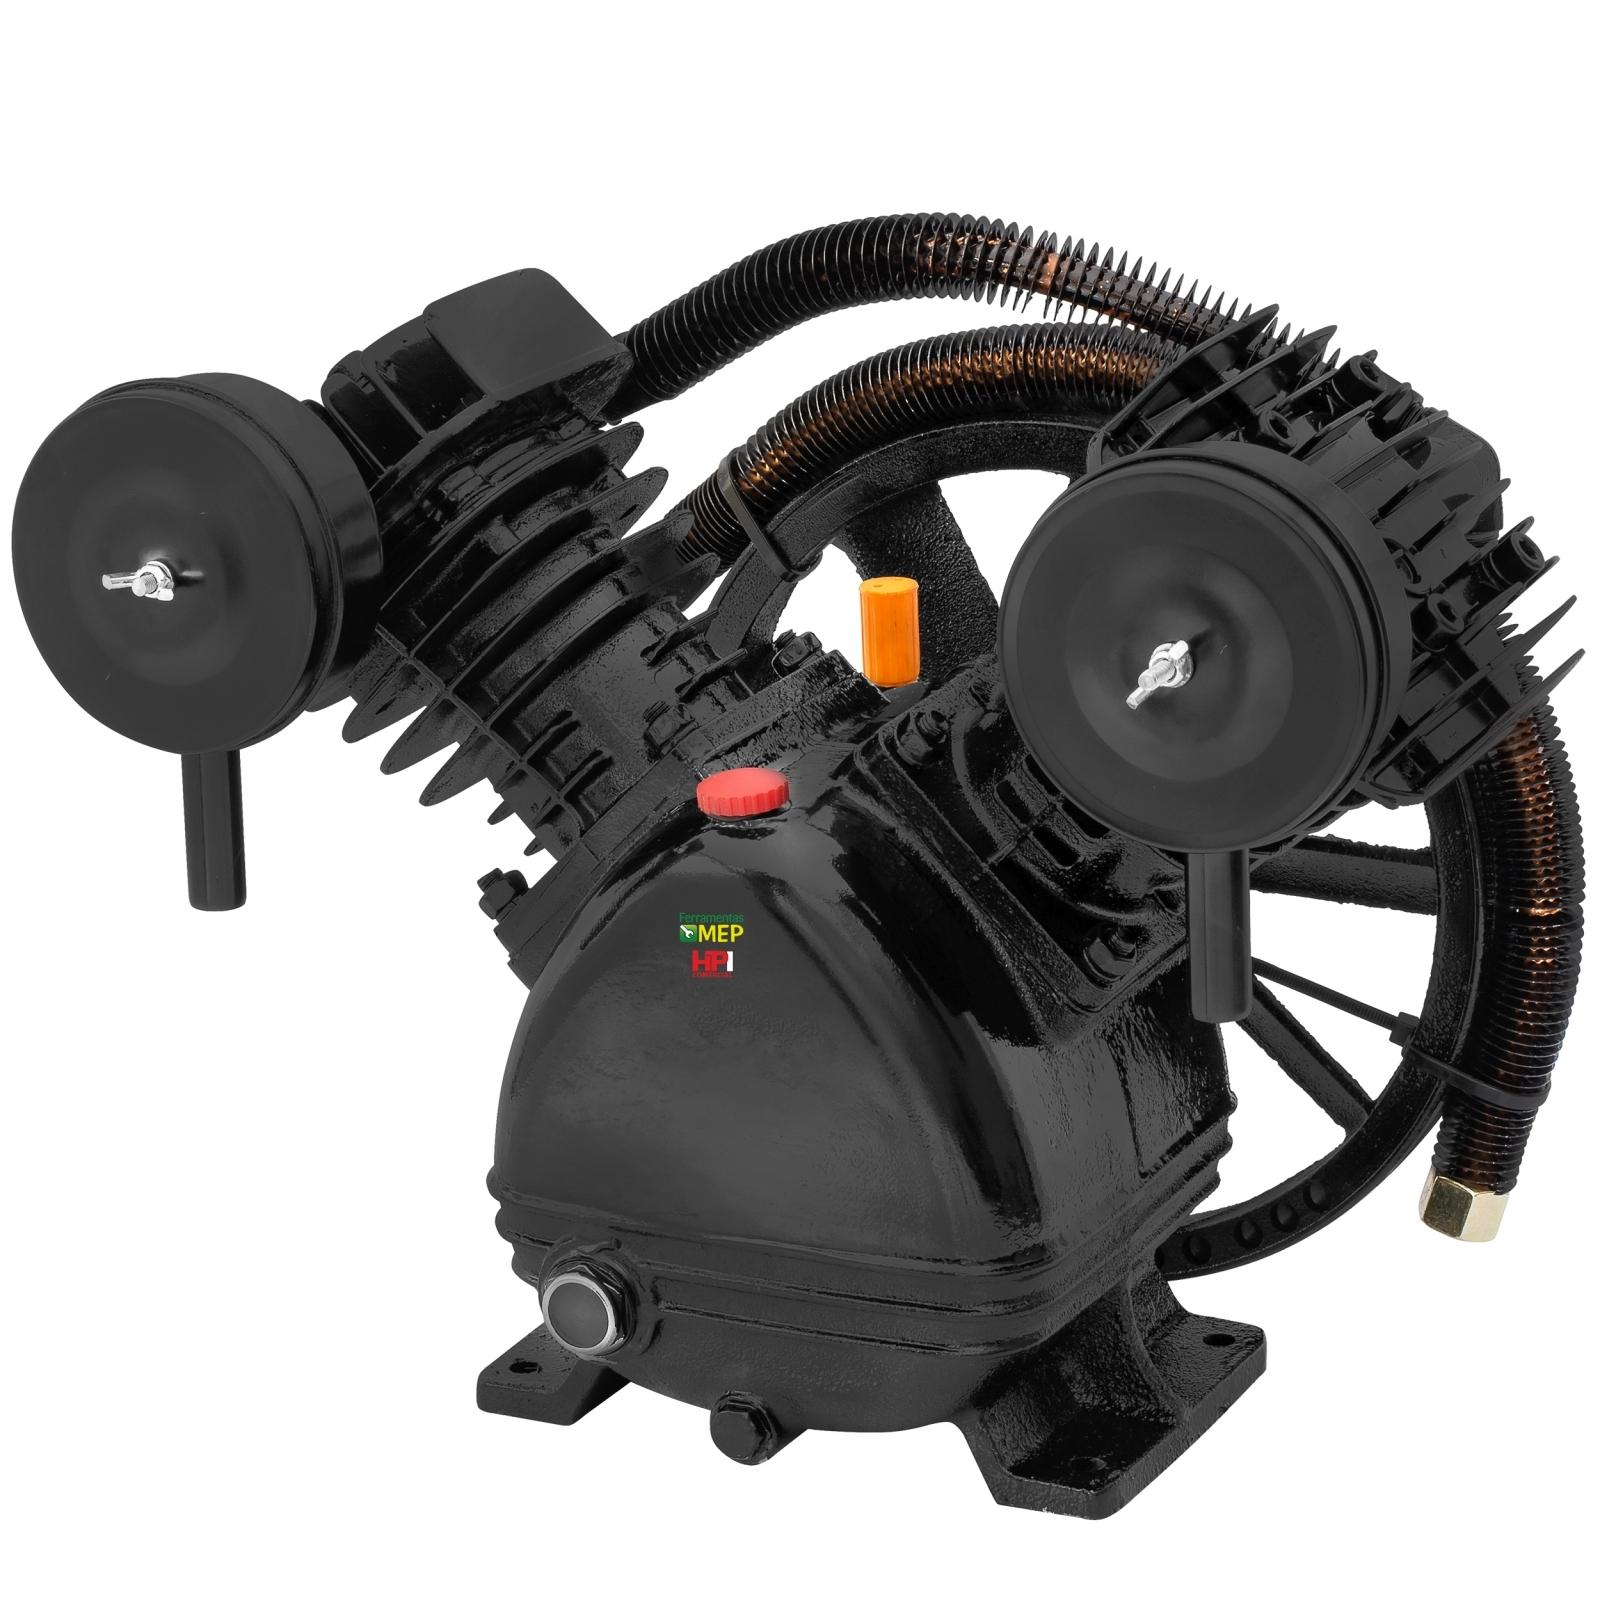 Cabeçote Para Compressor De Ar Motomil 20 Pés Baixa Pressão - C2B - Ferramentas MEP